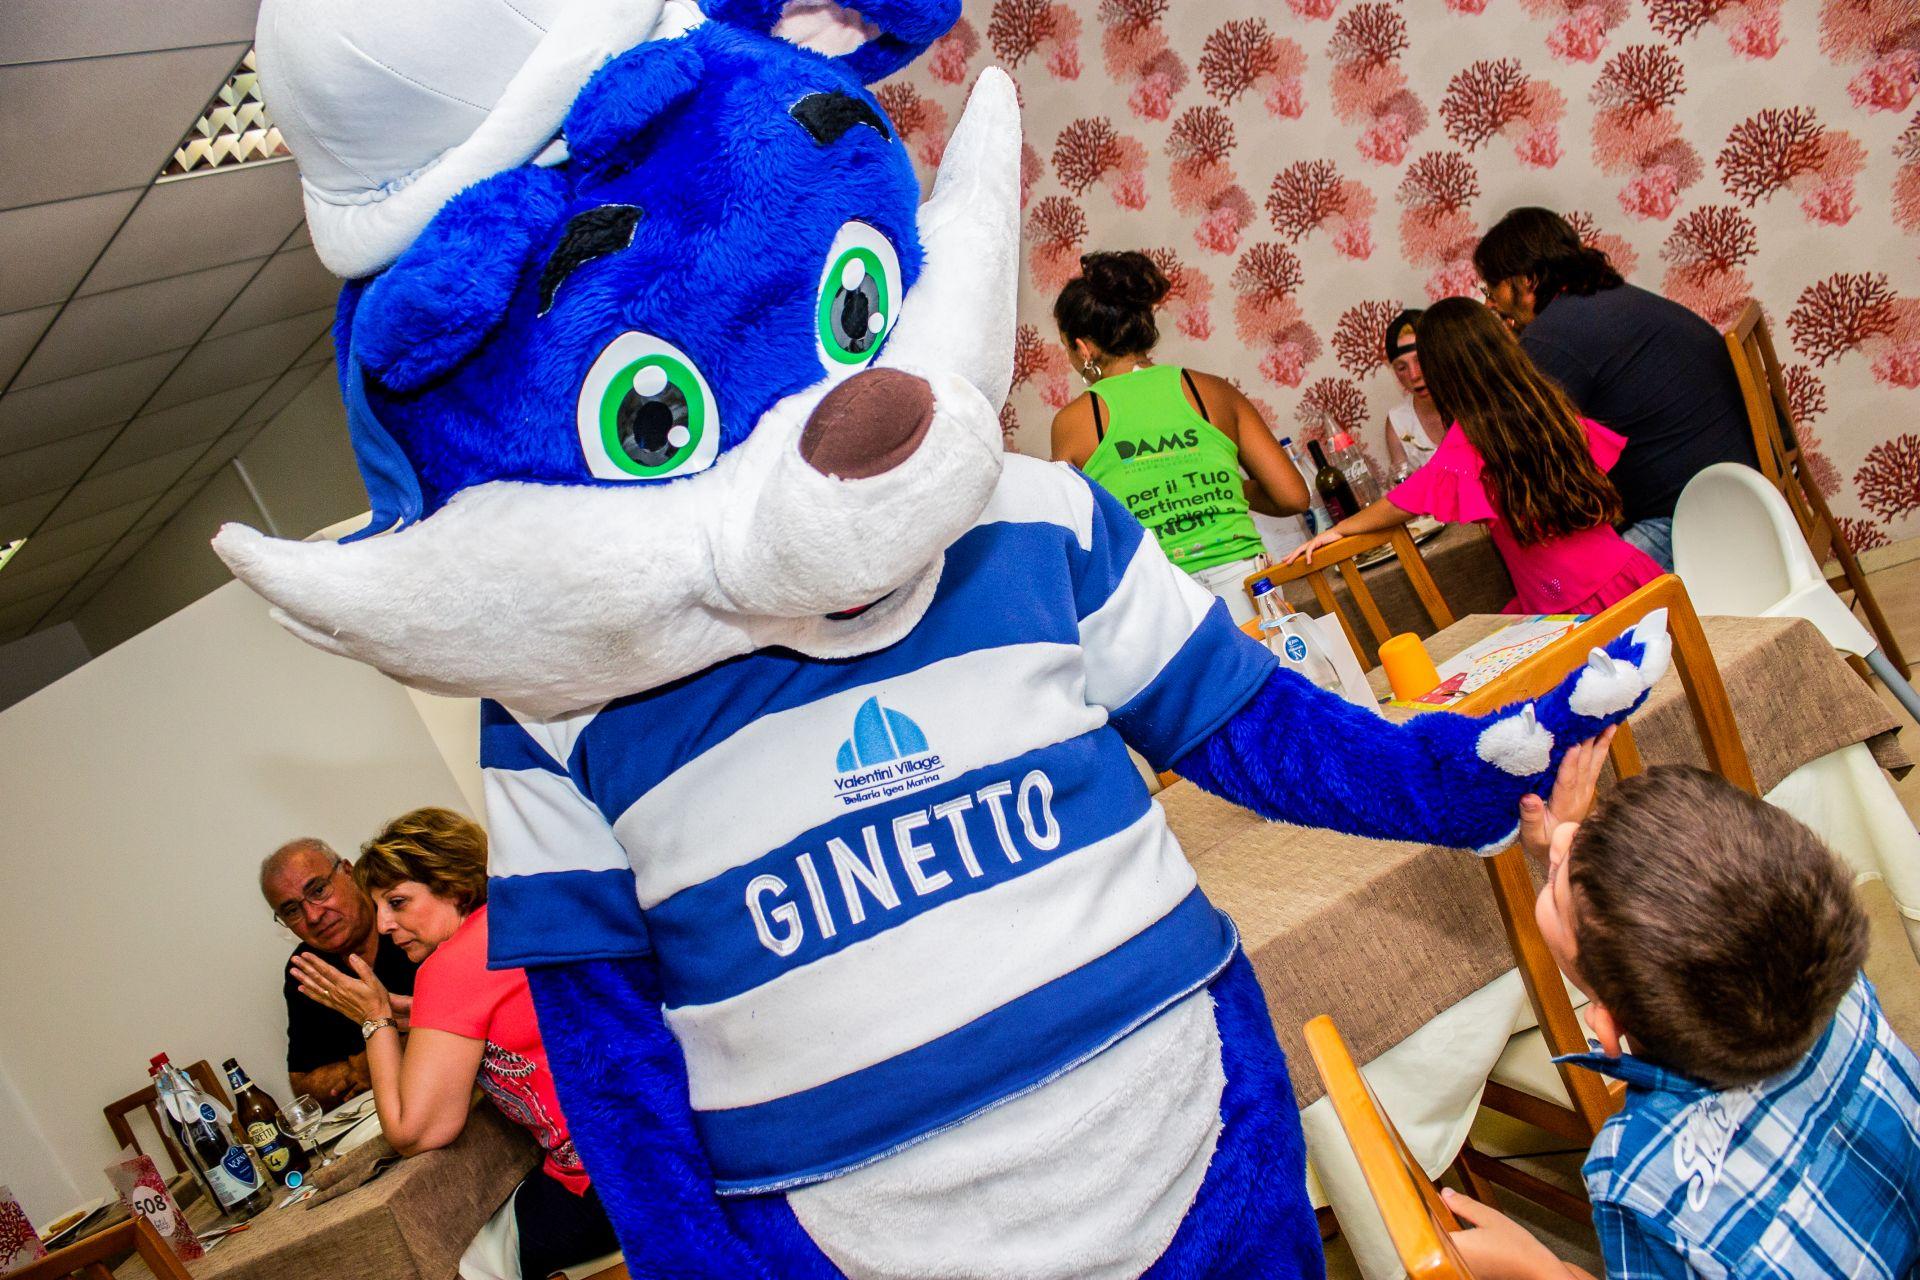 Ginetto